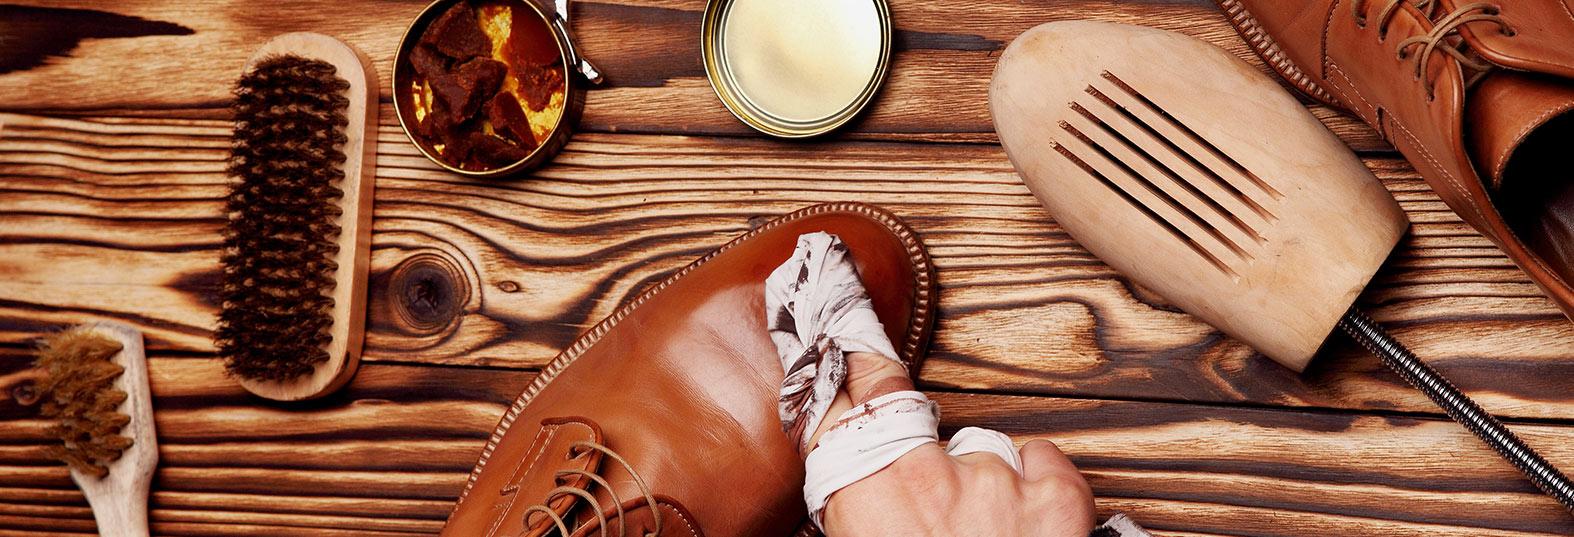 ca8f38cbae2e4a Ein Sioux-Schuh bleibt schon aufgrund seiner hohen Qualität ein treuer  Begleiter. Aber auch beste Materialien benötigen Pflege